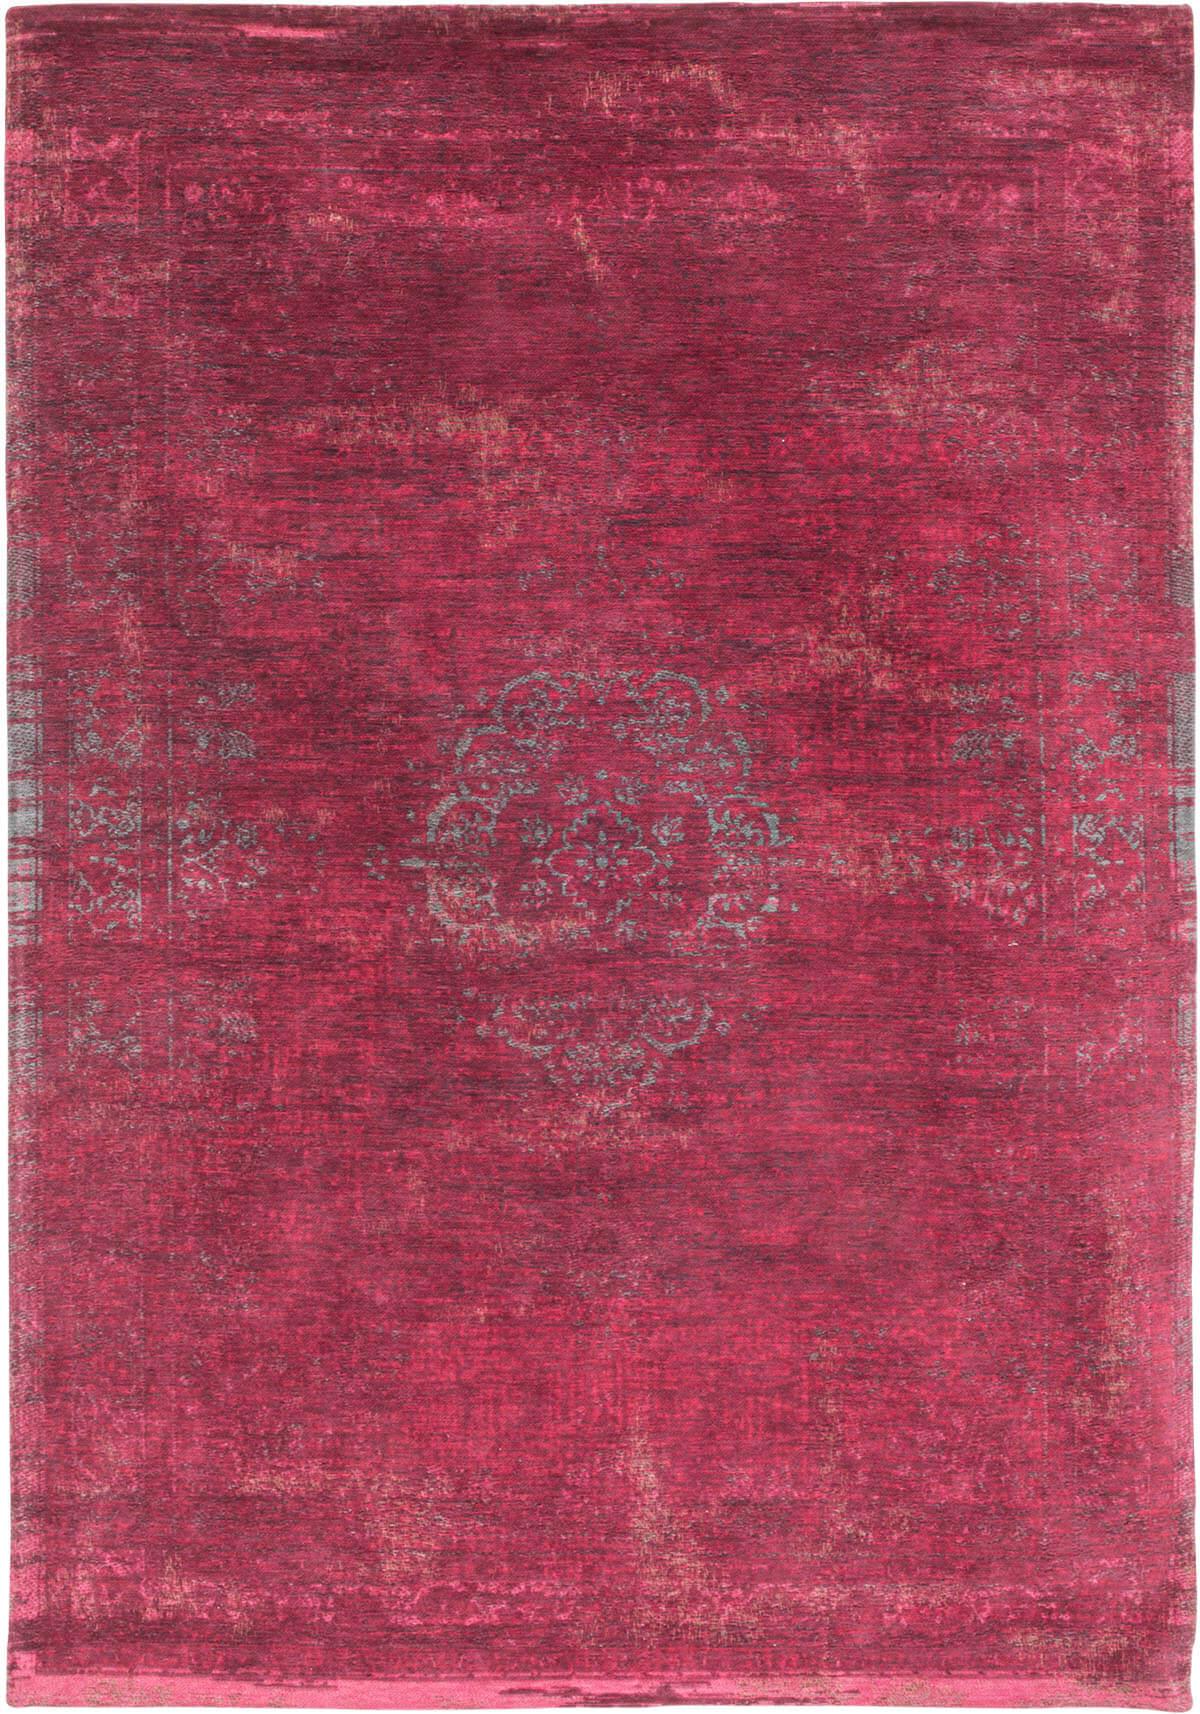 Dywan naturalny Orient rozowy - Scarlet 8260